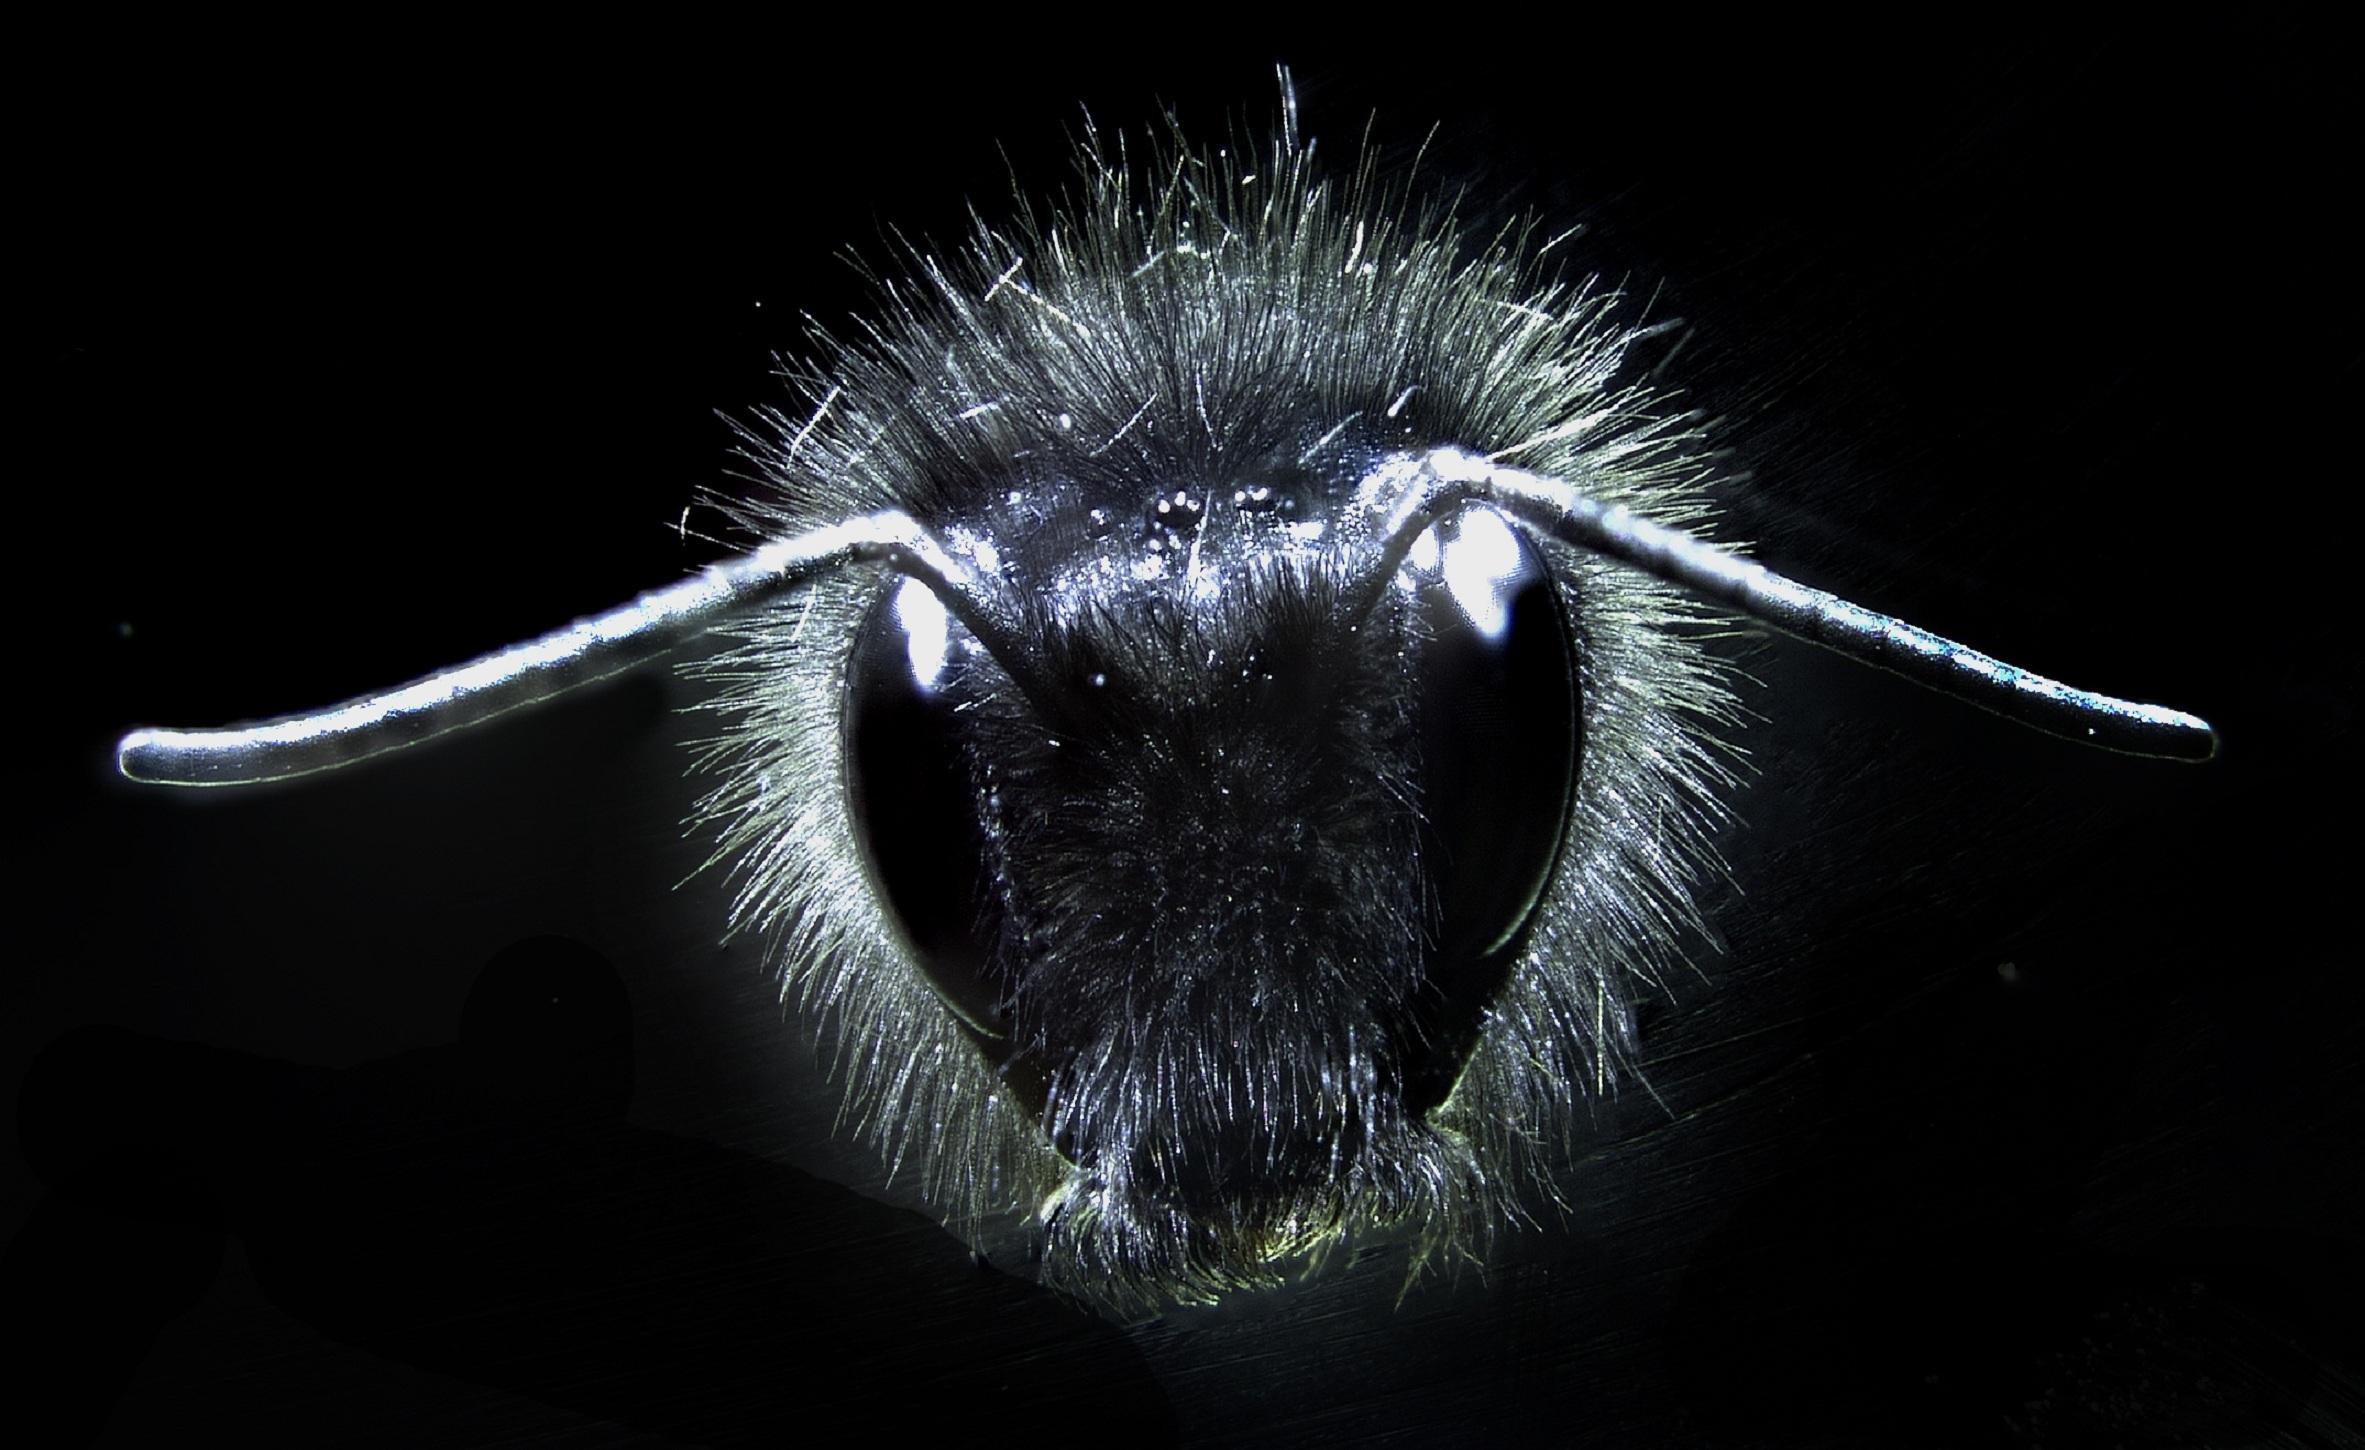 Un abejorro cubierto de pelos. Fuente: Universidad de Bristol.